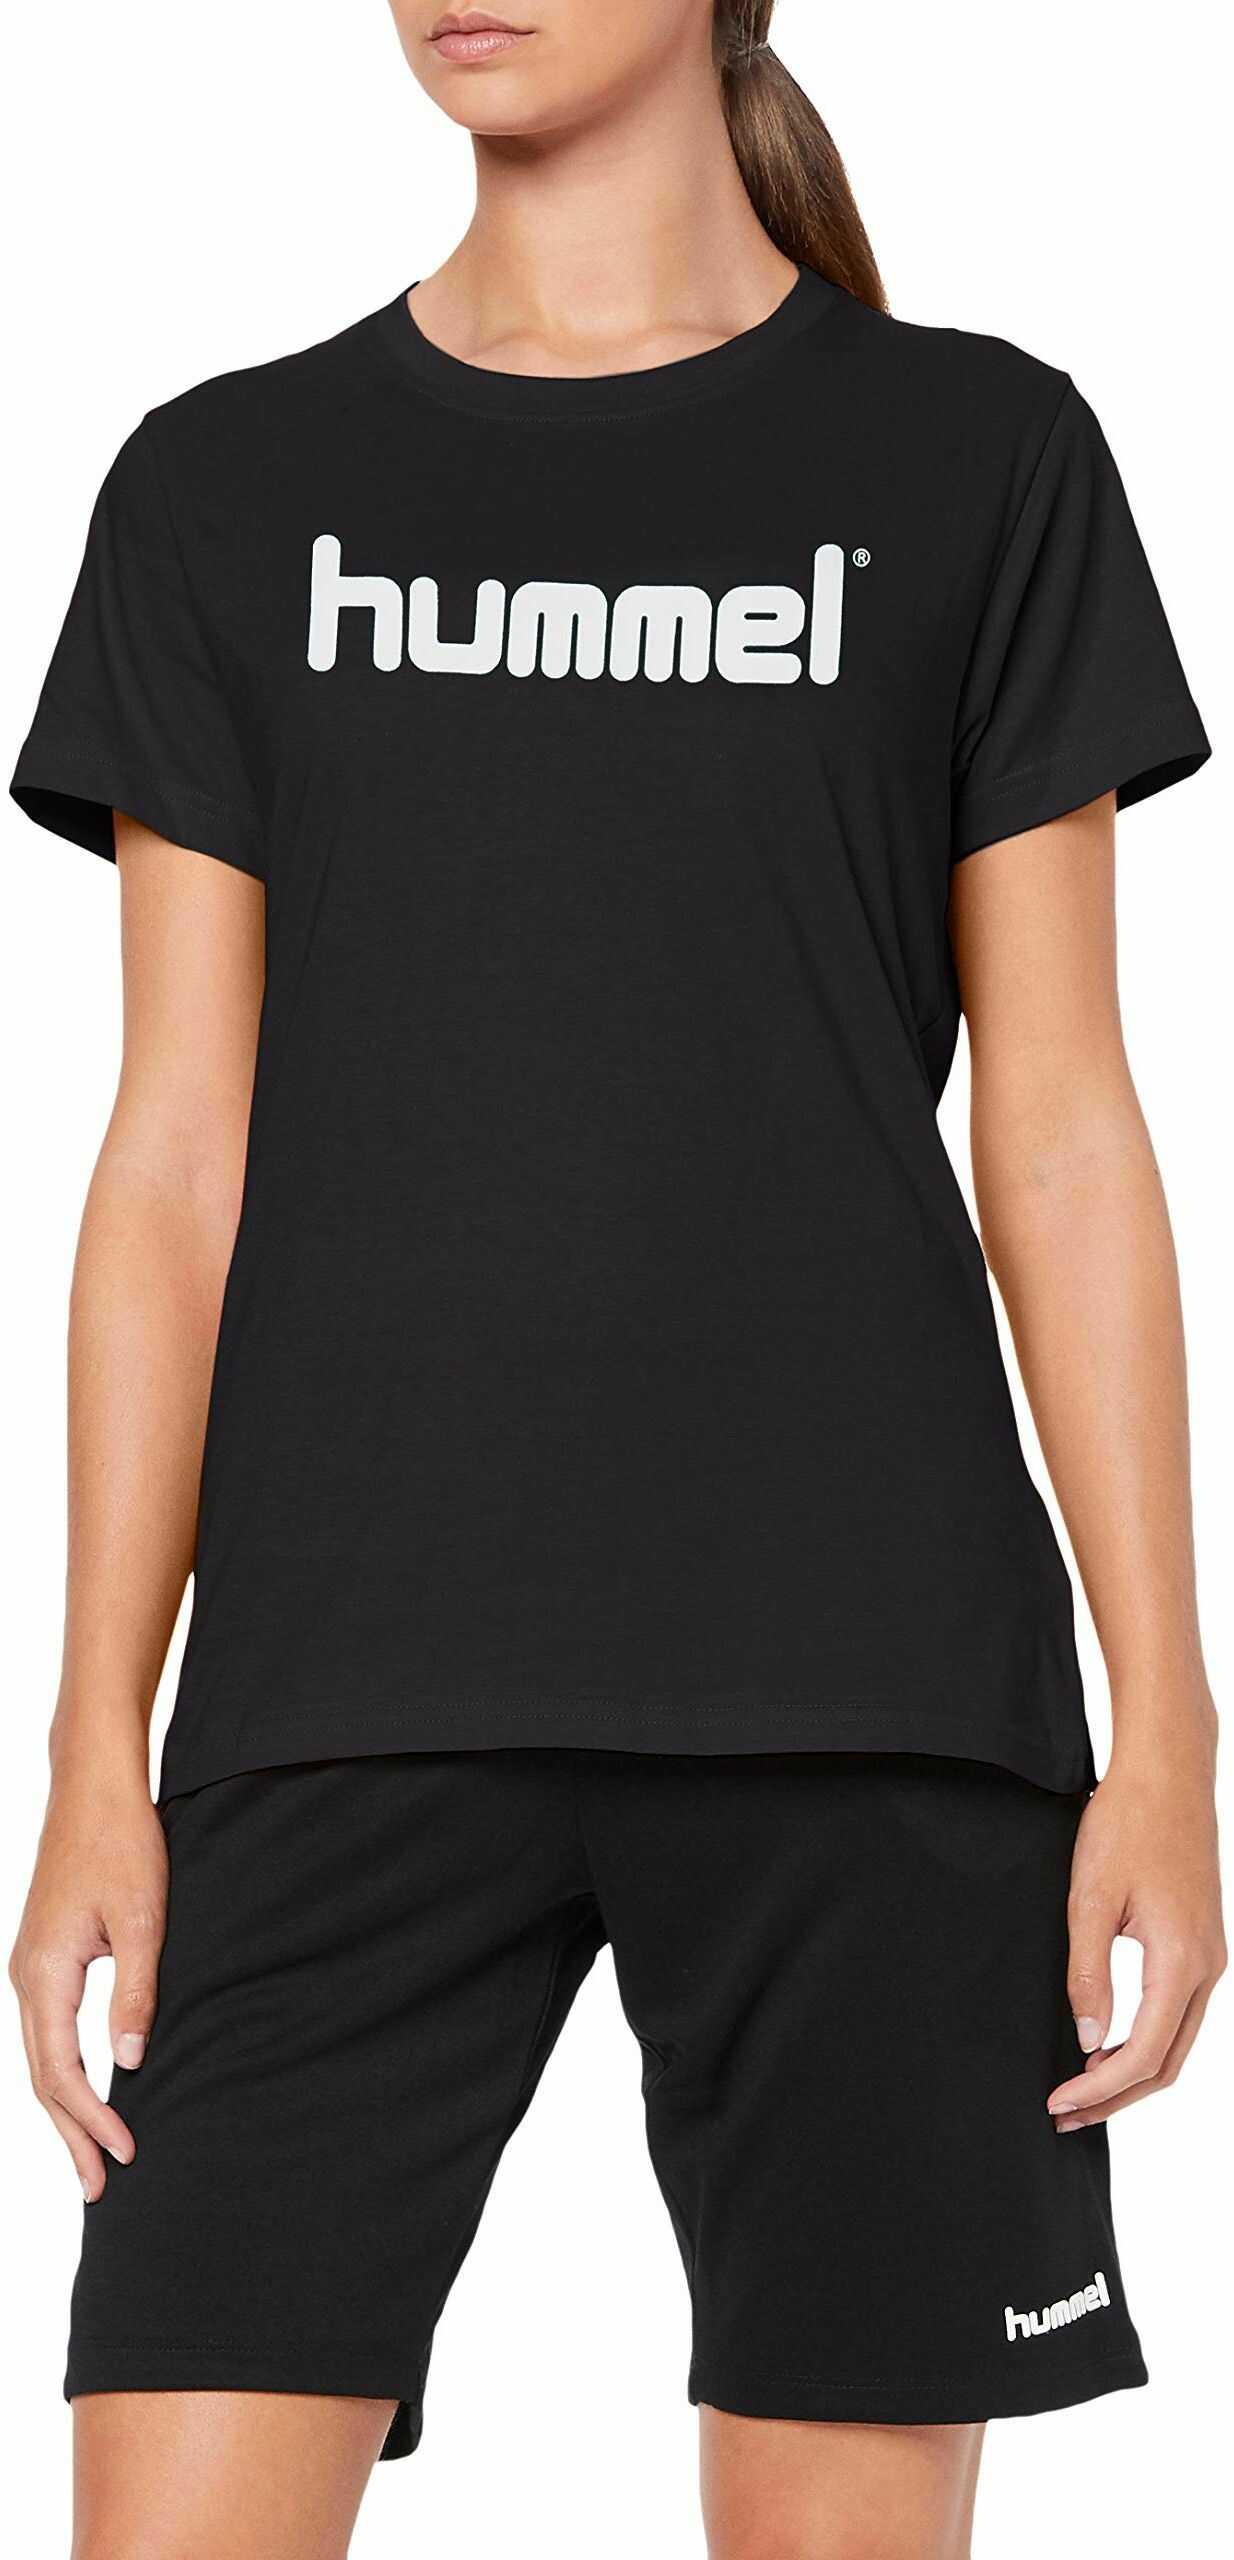 Hummel Hmlgo Cotton T-shirt damski z logo czarny czarny X-S